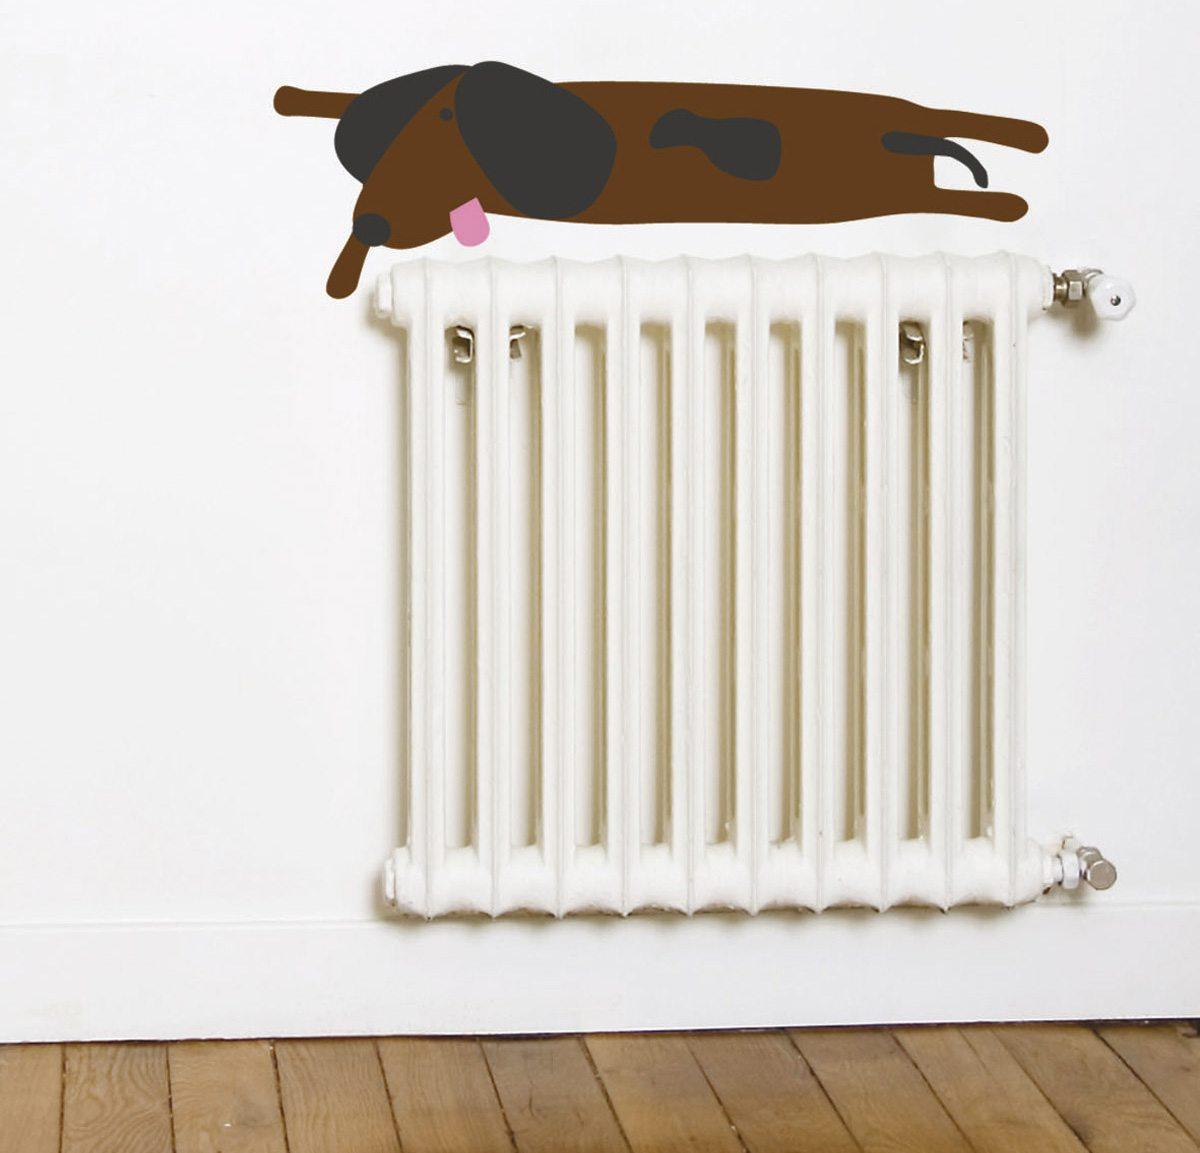 Wallsticker Dogenkit, 5 chien à personnaliser sur vos murs, design IchetKar